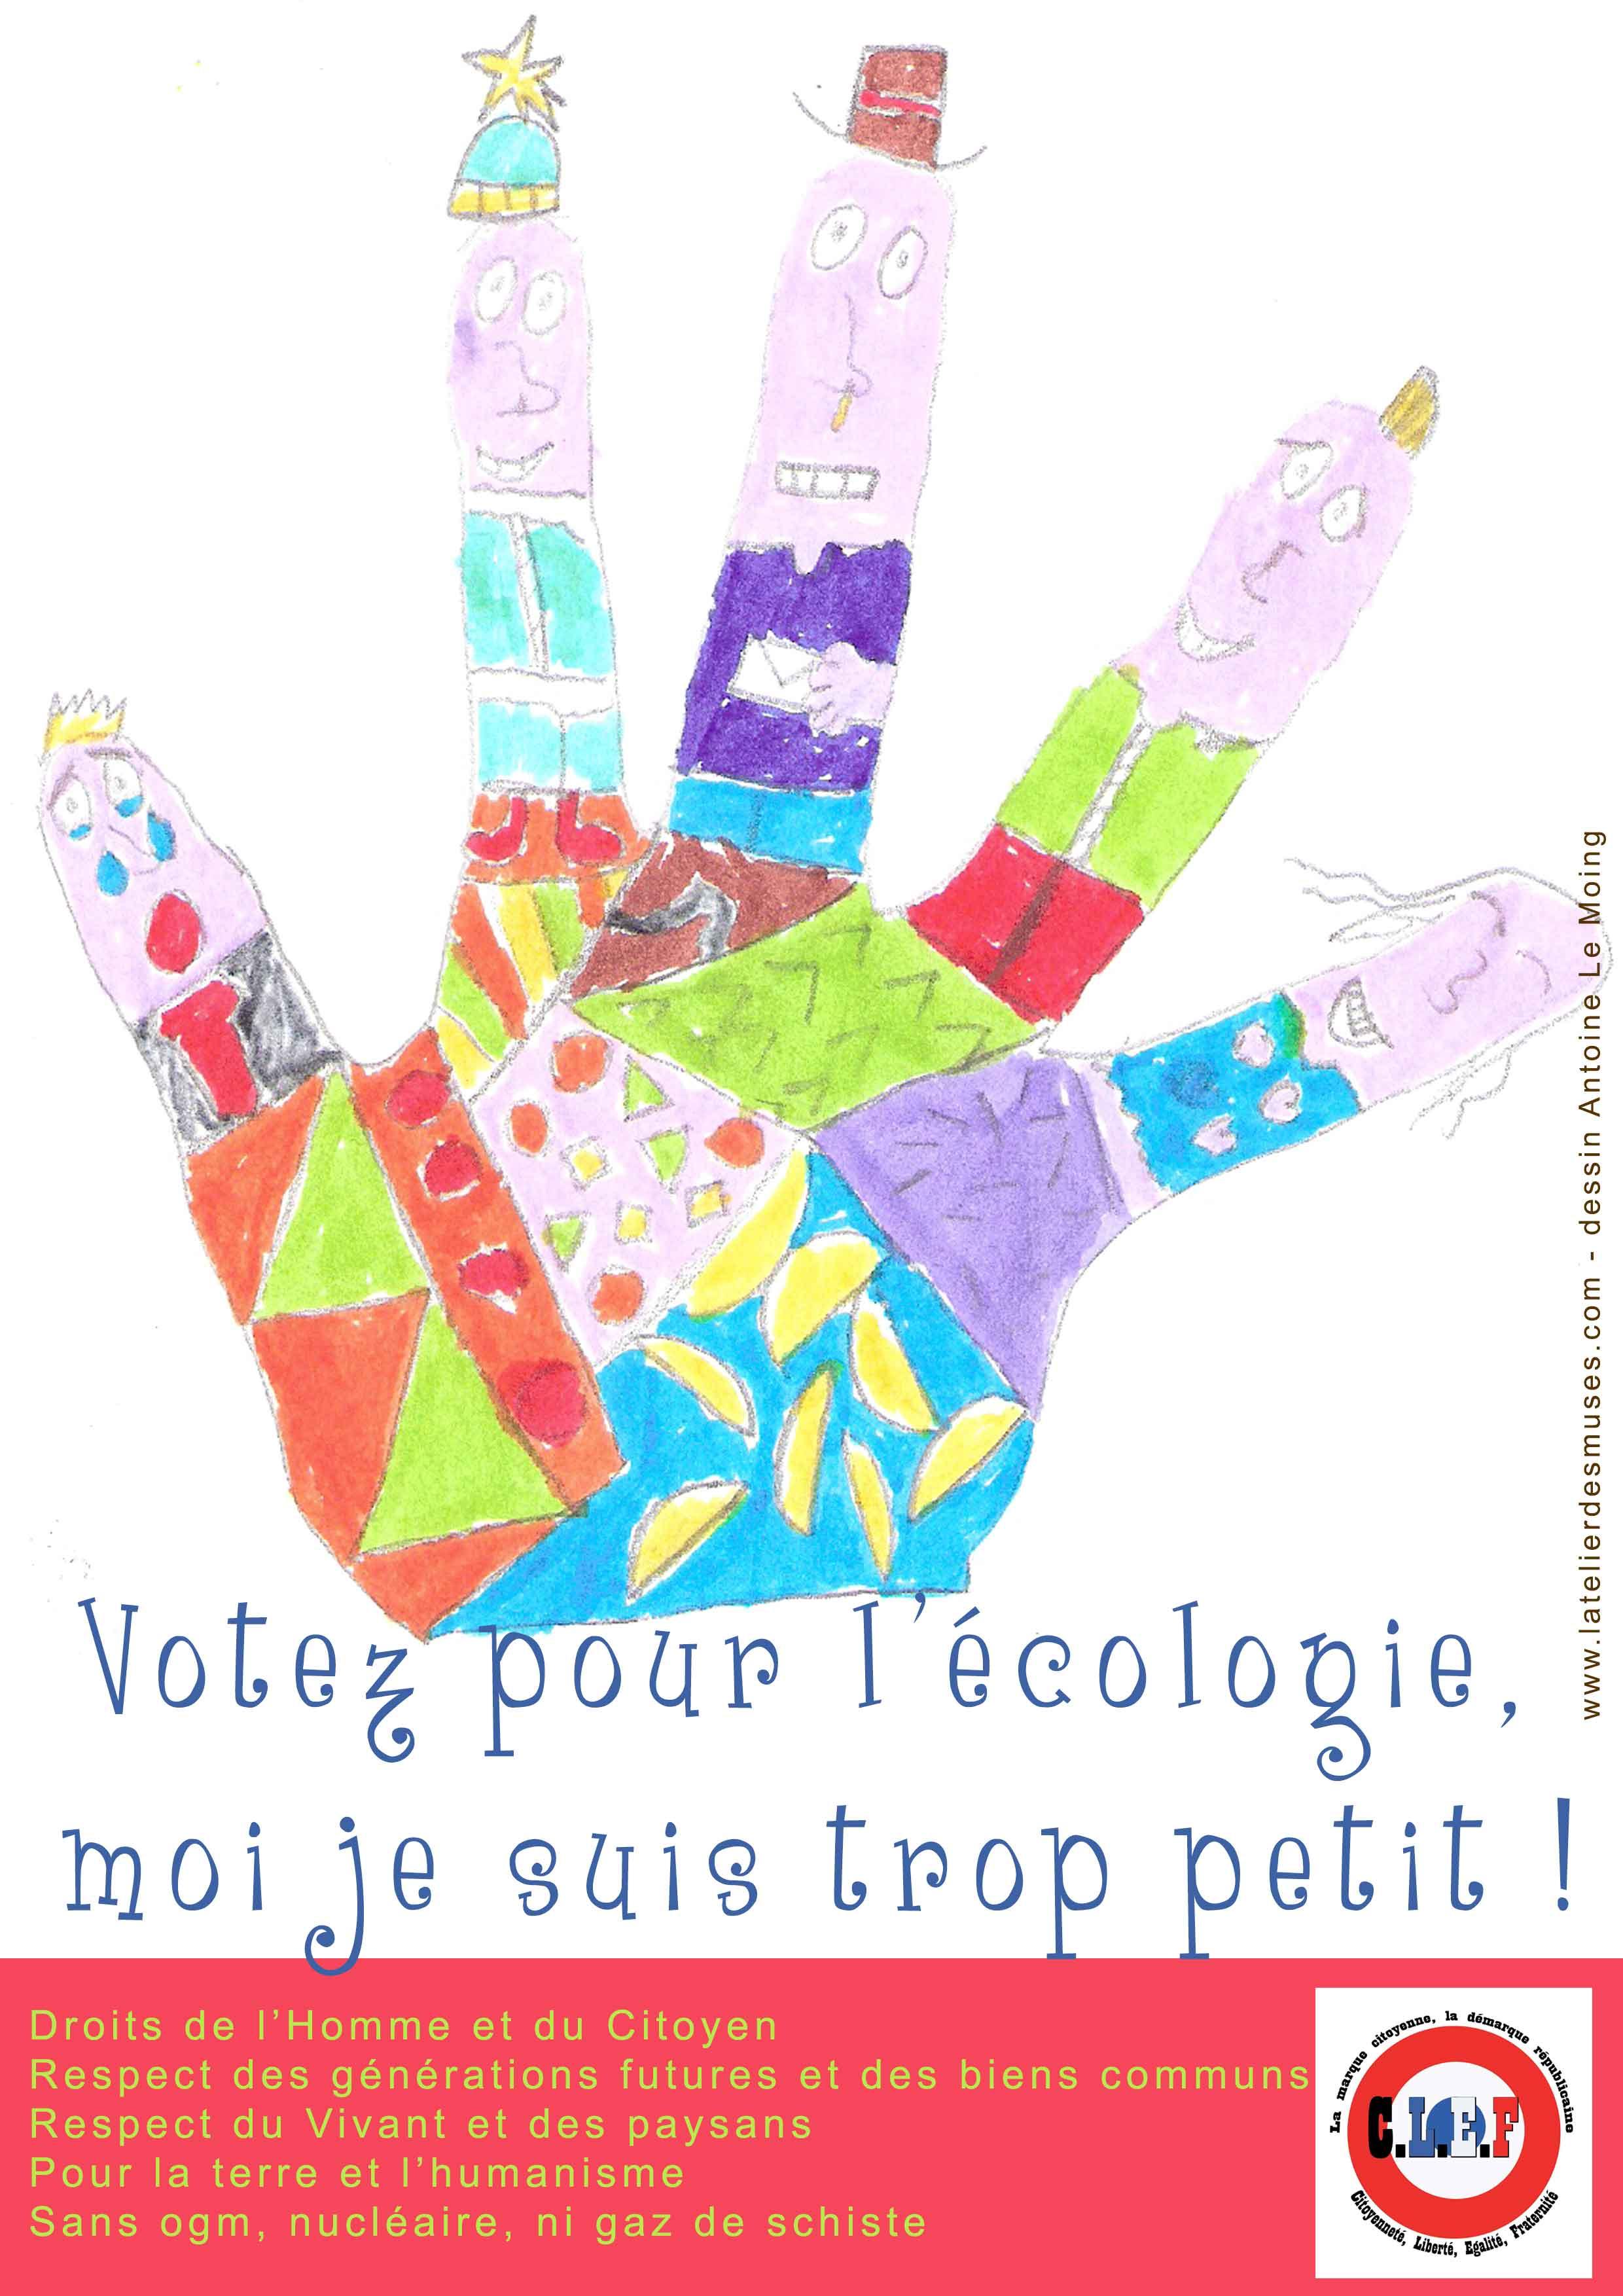 votez-moi-je-suis-petit.jpg